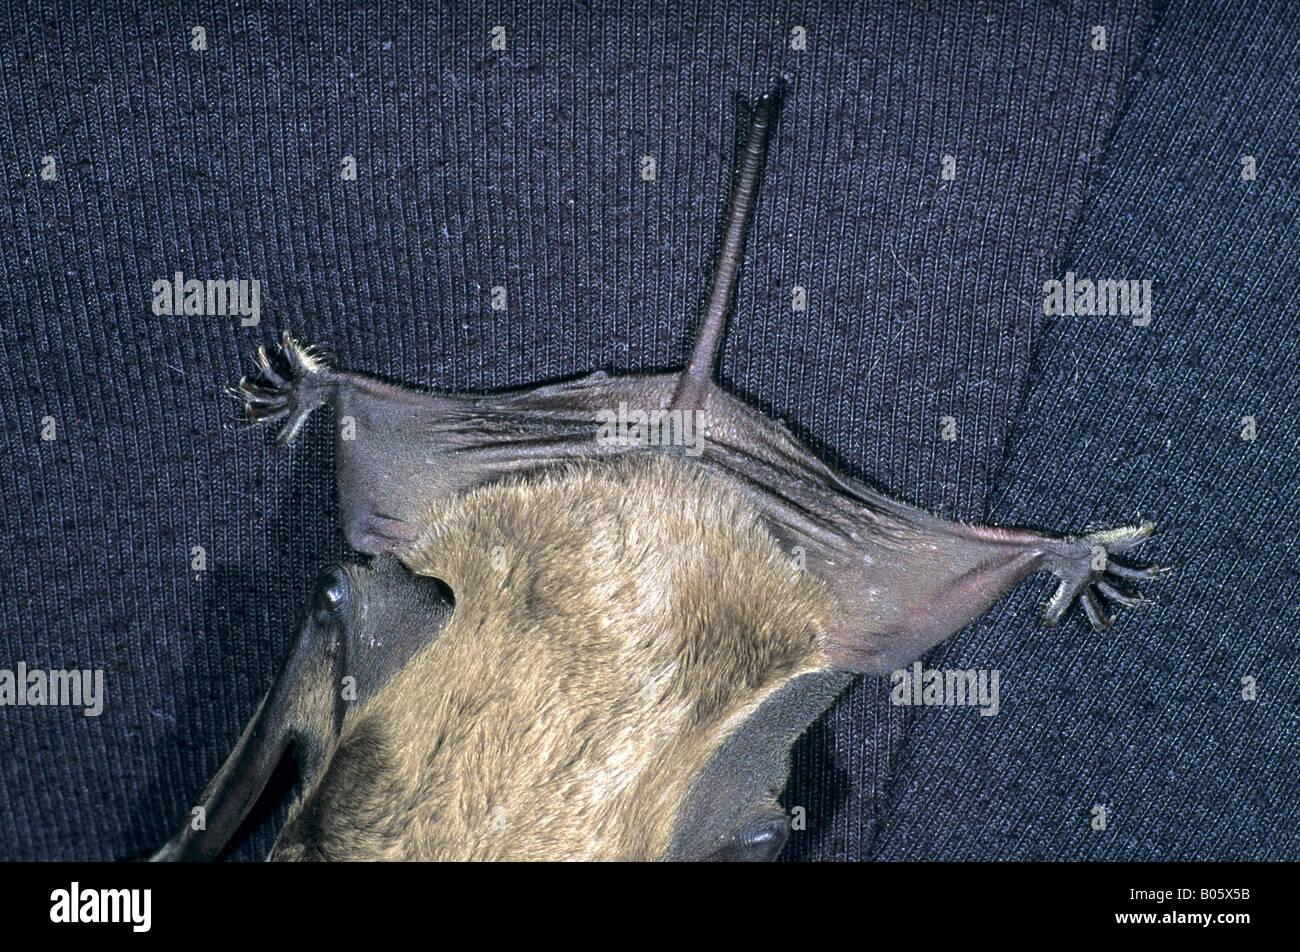 european free tailed bat tadarida teniotis showing detail of tail